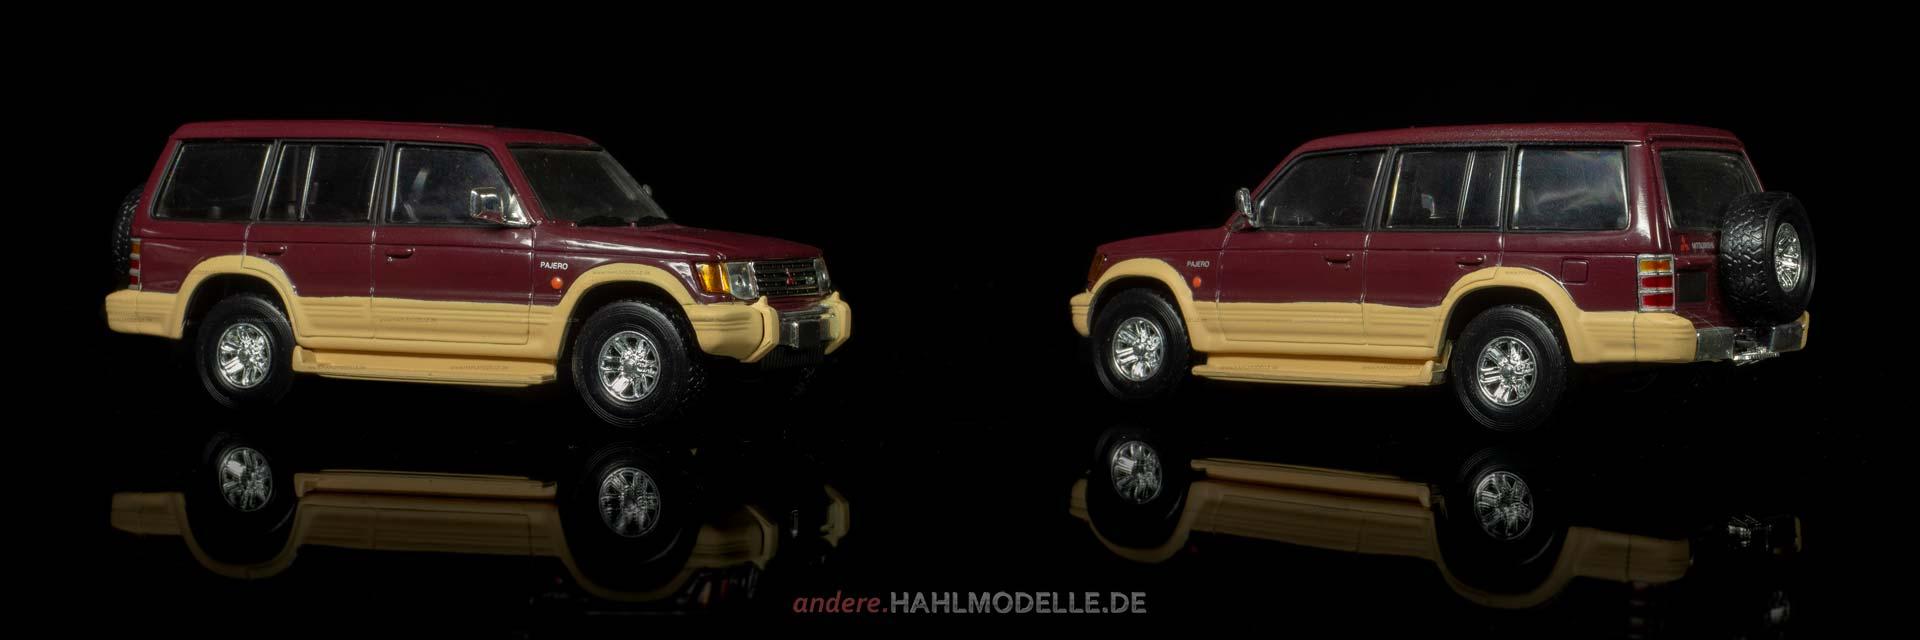 Mitsubishi Pajero | Geländewagen | Ixo (Del Prado Car Collection) | 1:43 | www.andere.hahlmodelle.de